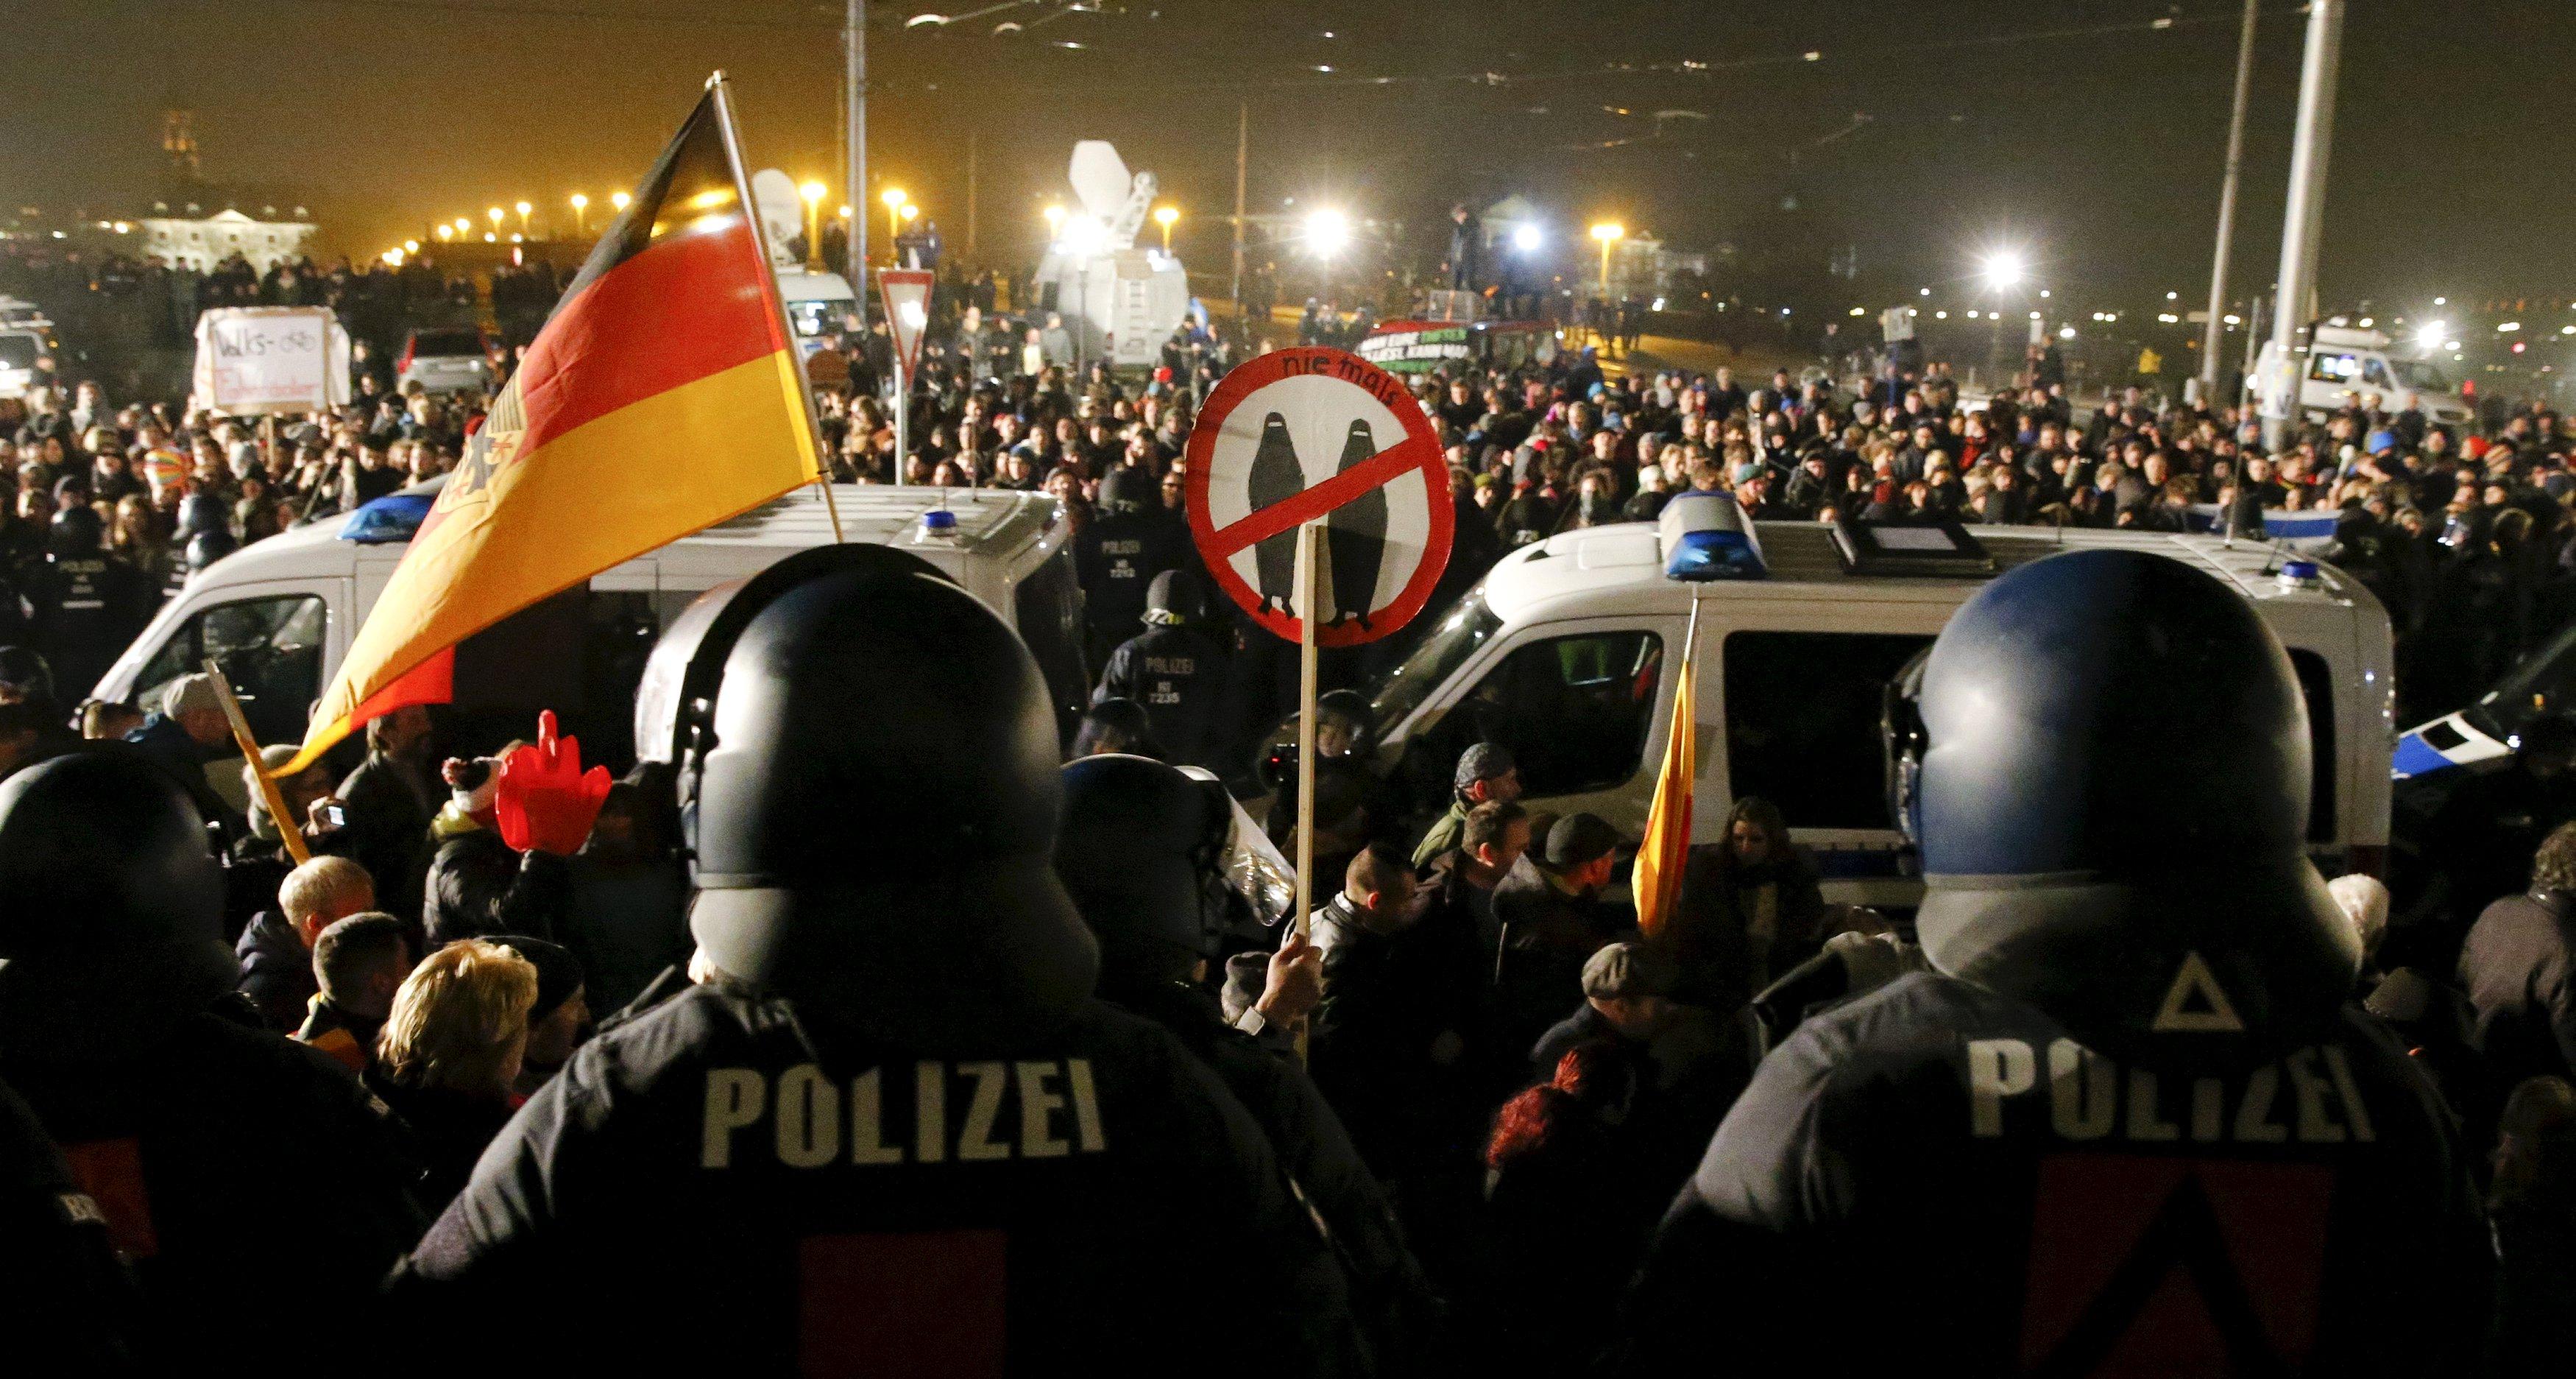 Γερμανία: Δείτε την Άνοδο της Ακροδεξιάς σε Γράφημα!